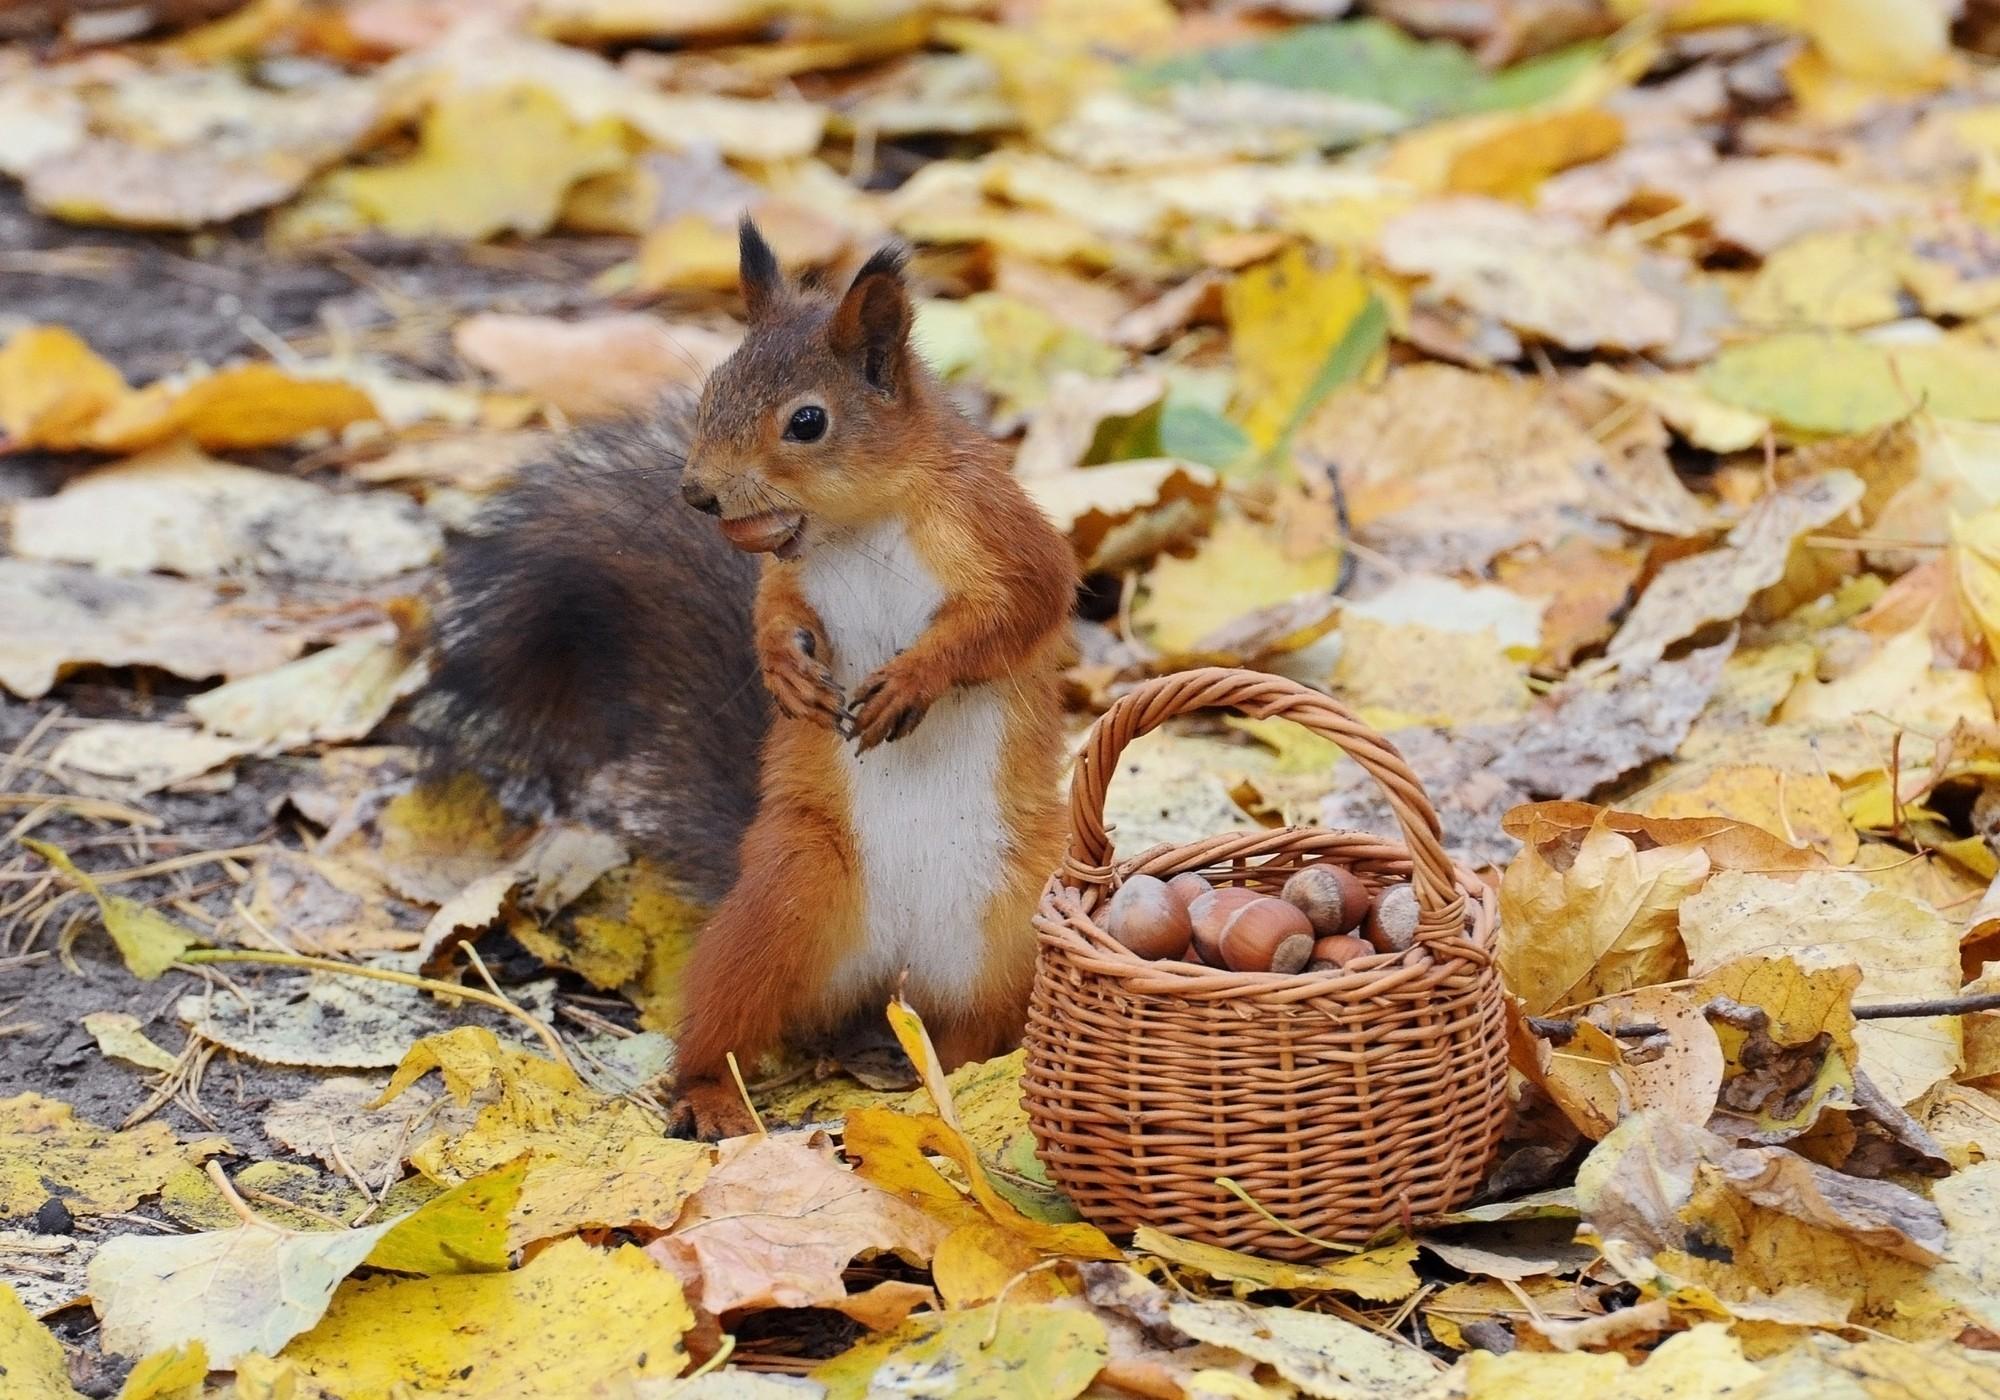 Res: 2000x1400, Animal - Squirrel Basket Nut Leaf Acorn Fall Wallpaper